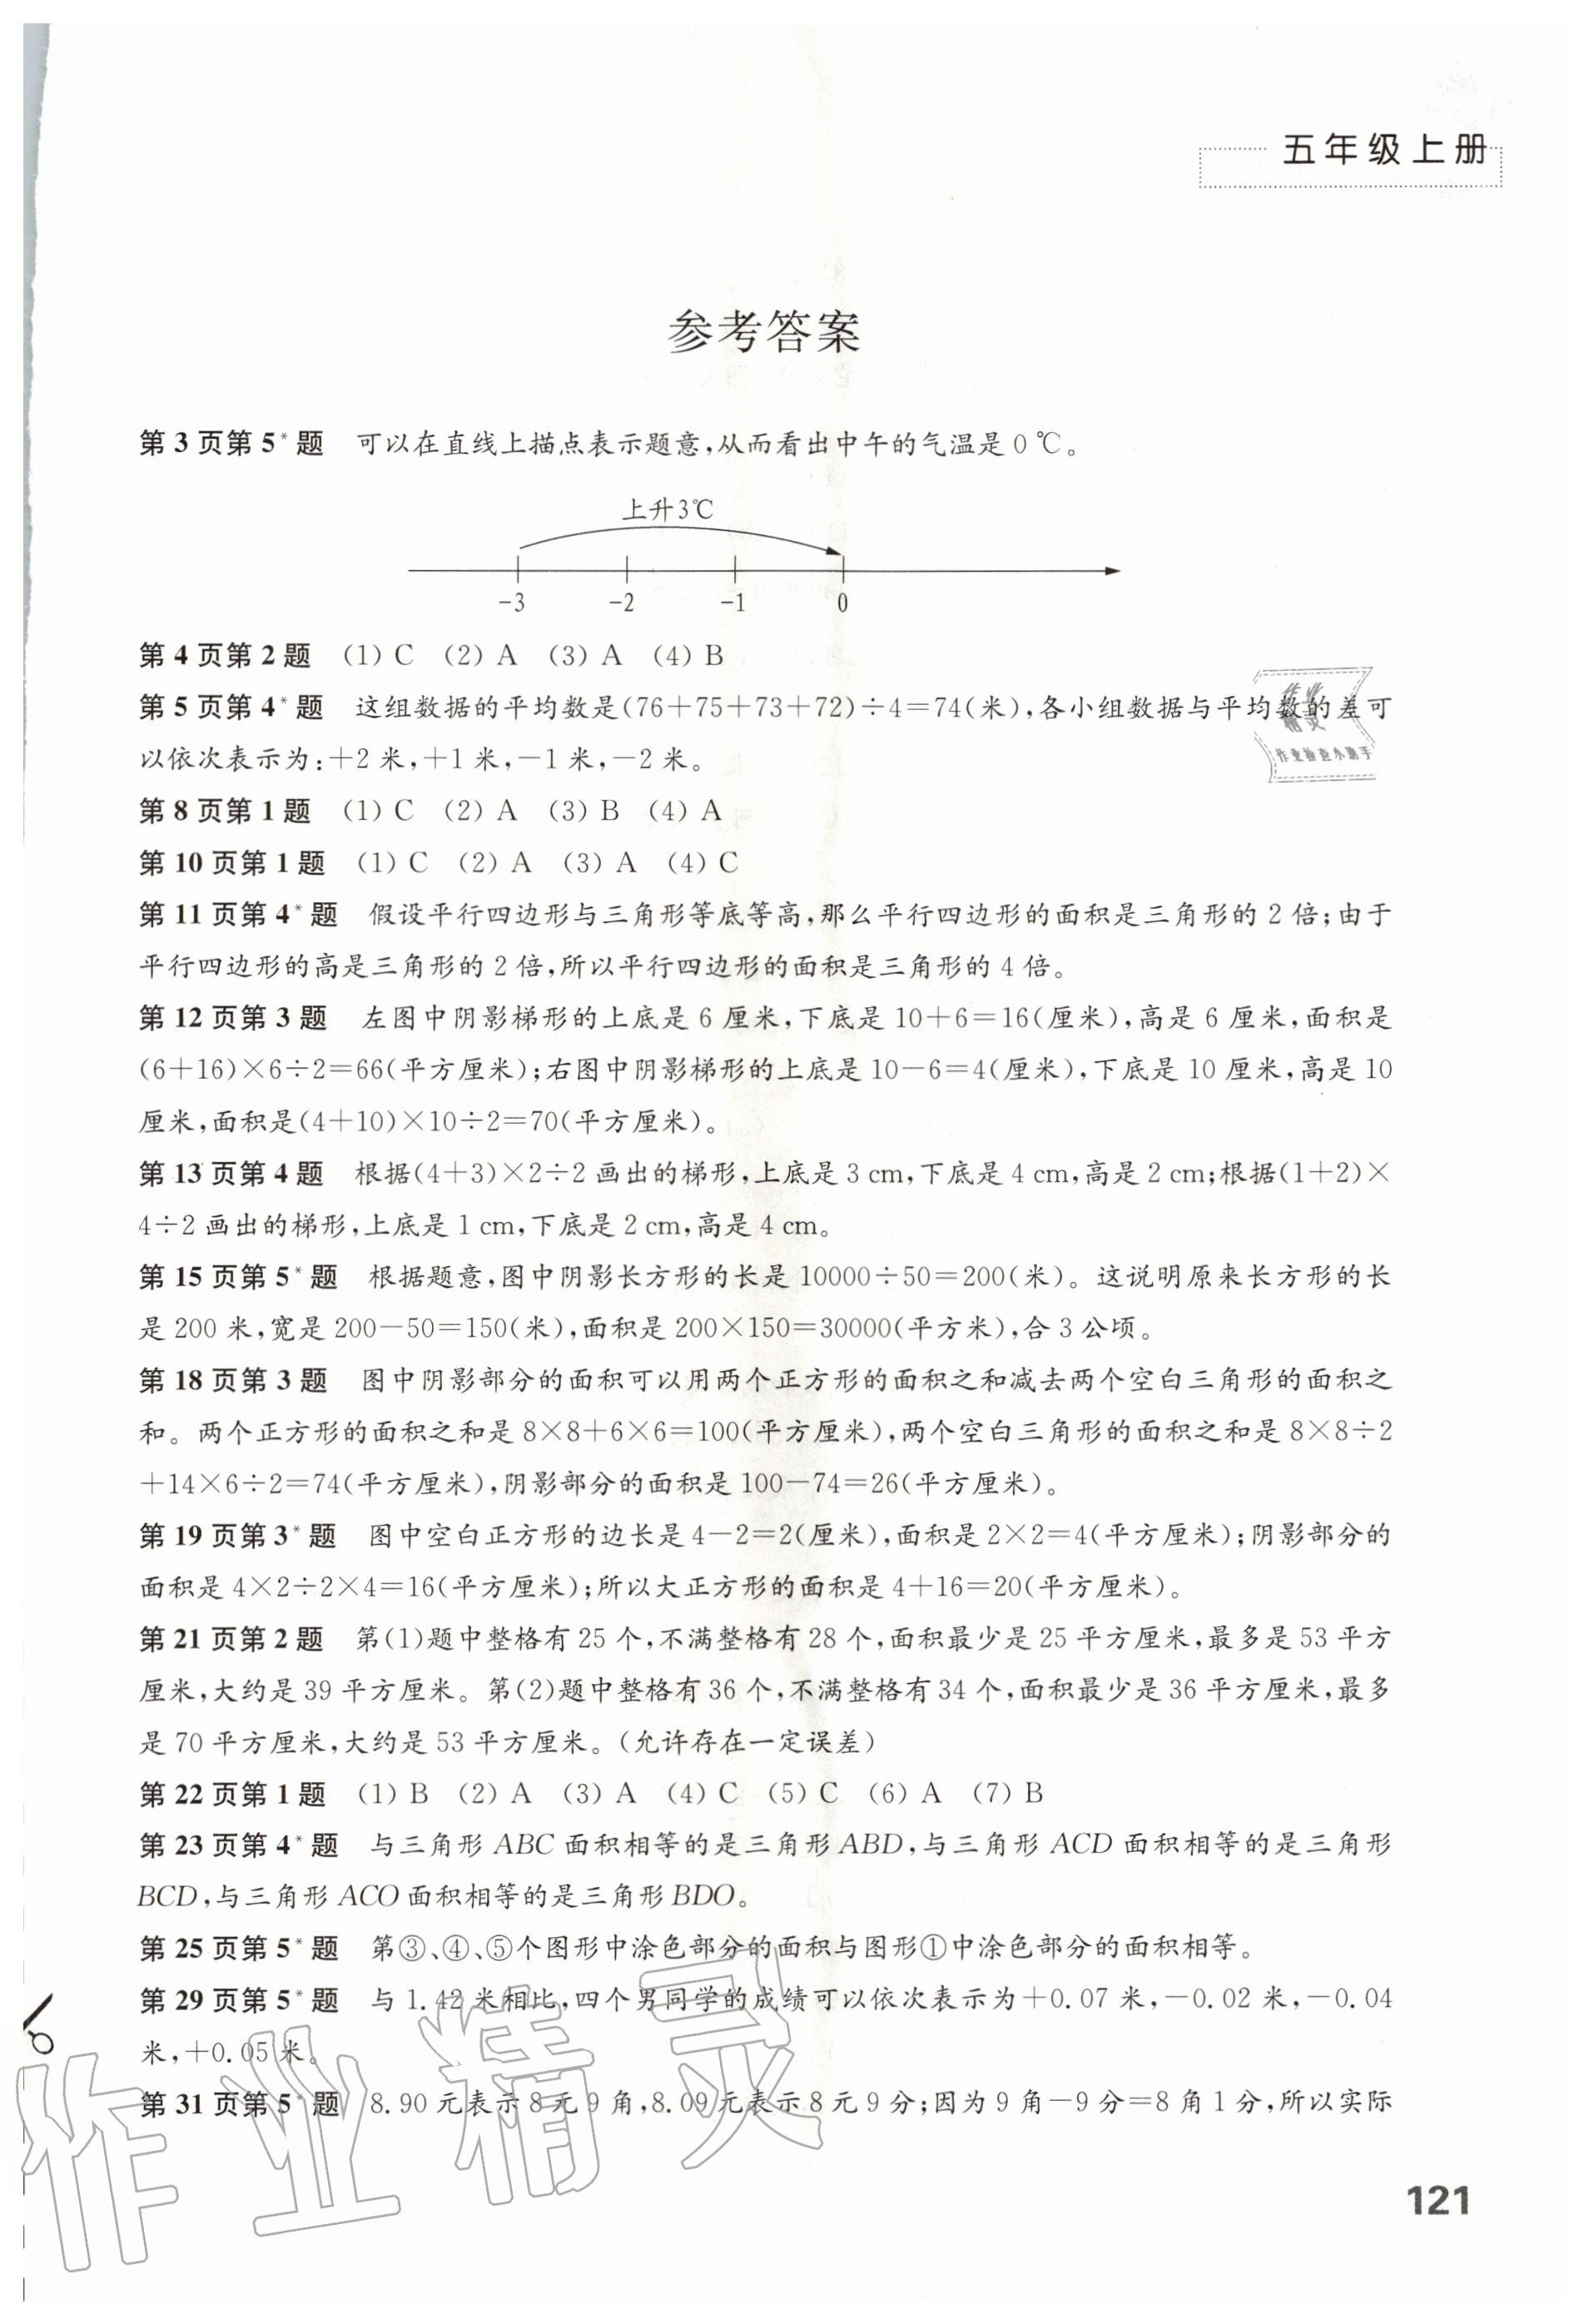 2020年练习与测试小学数学五年级上册苏教版第1页